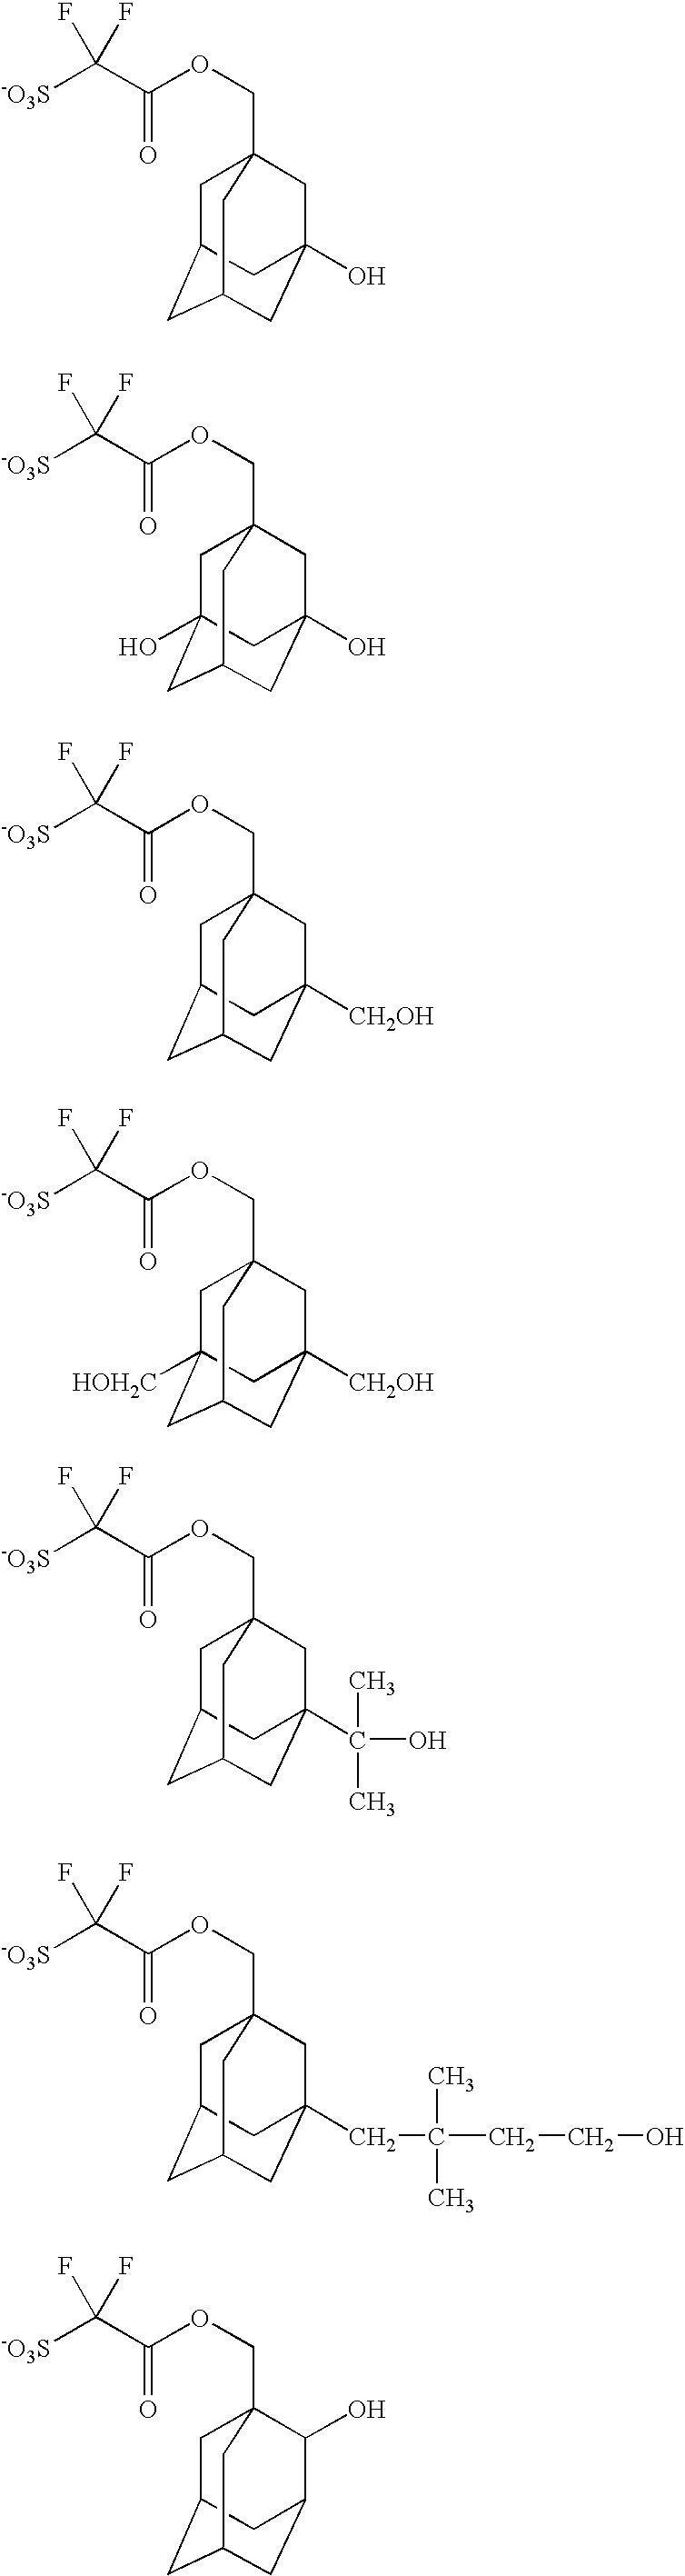 Figure US20060194982A1-20060831-C00012